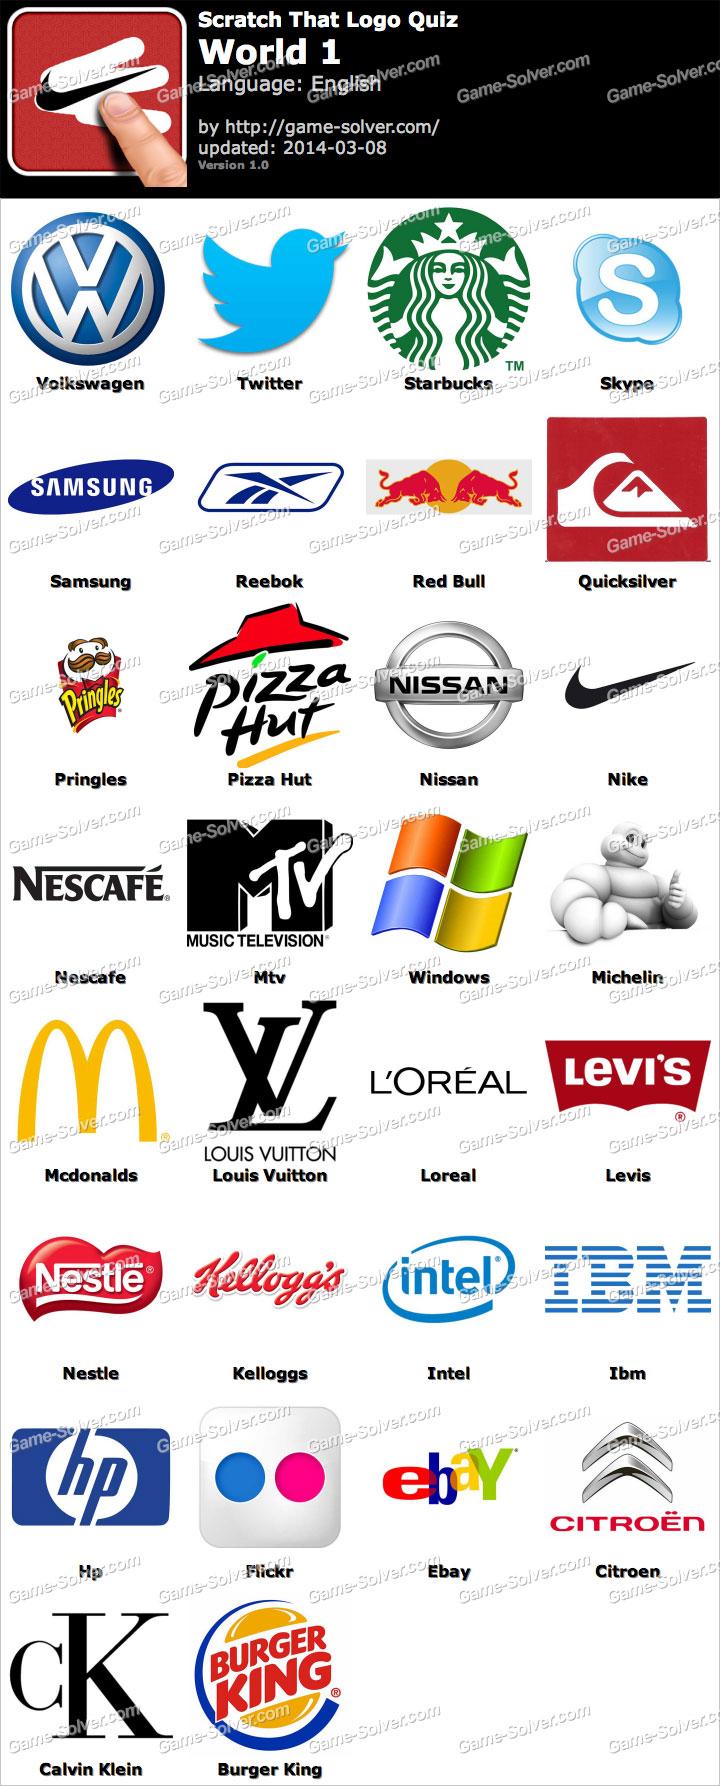 Scratch That Logo Quiz World 1